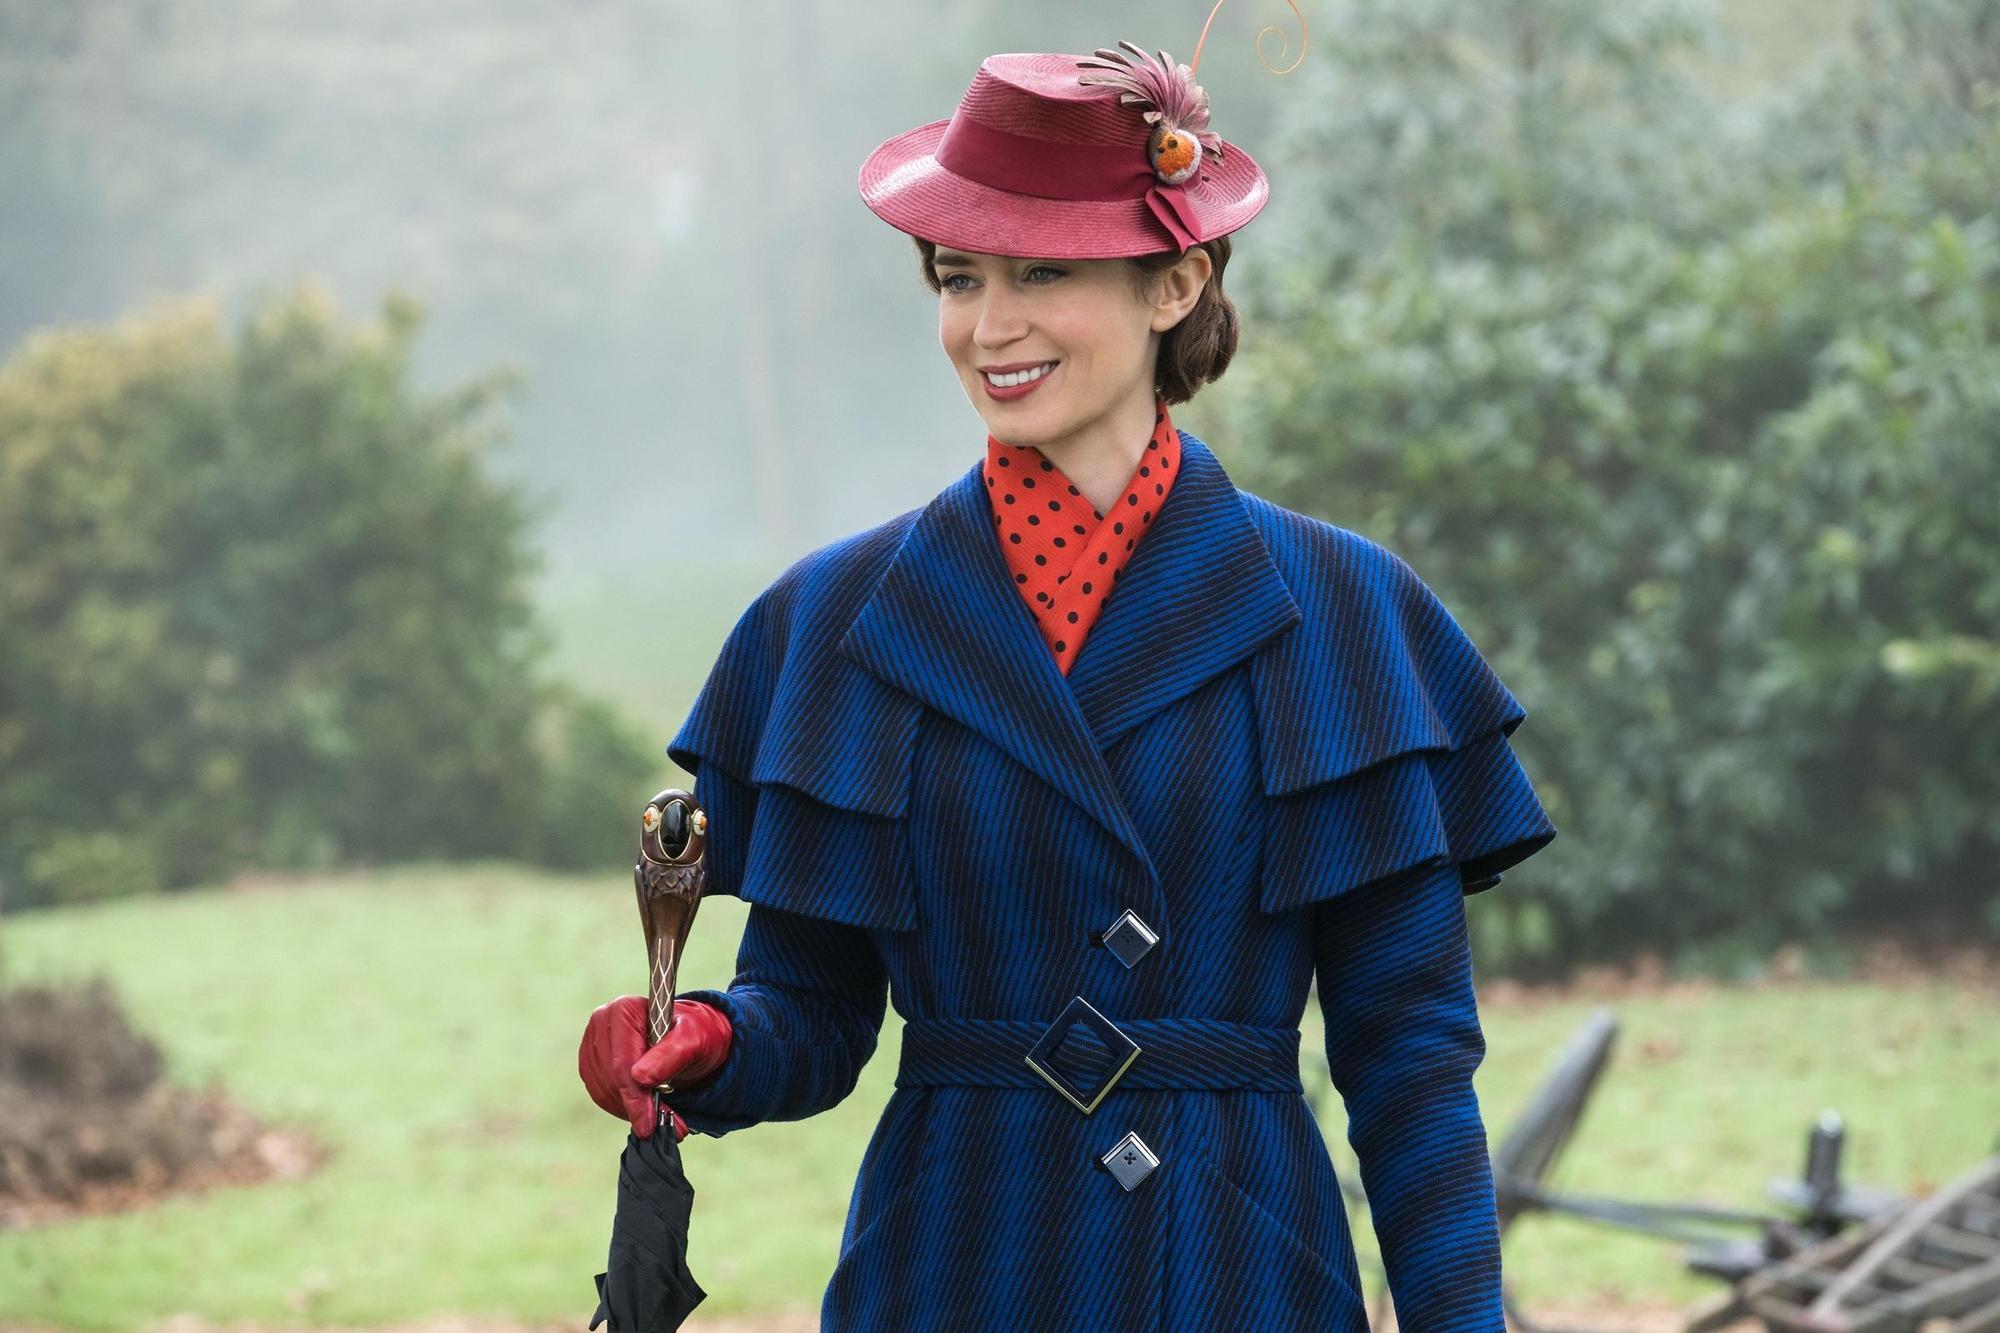 艾蜜莉布朗挑戰茱莉安德魯斯的經典「瑪莉包萍」角色,復古造型把她妝扮得十分美麗。(迪士尼提供)